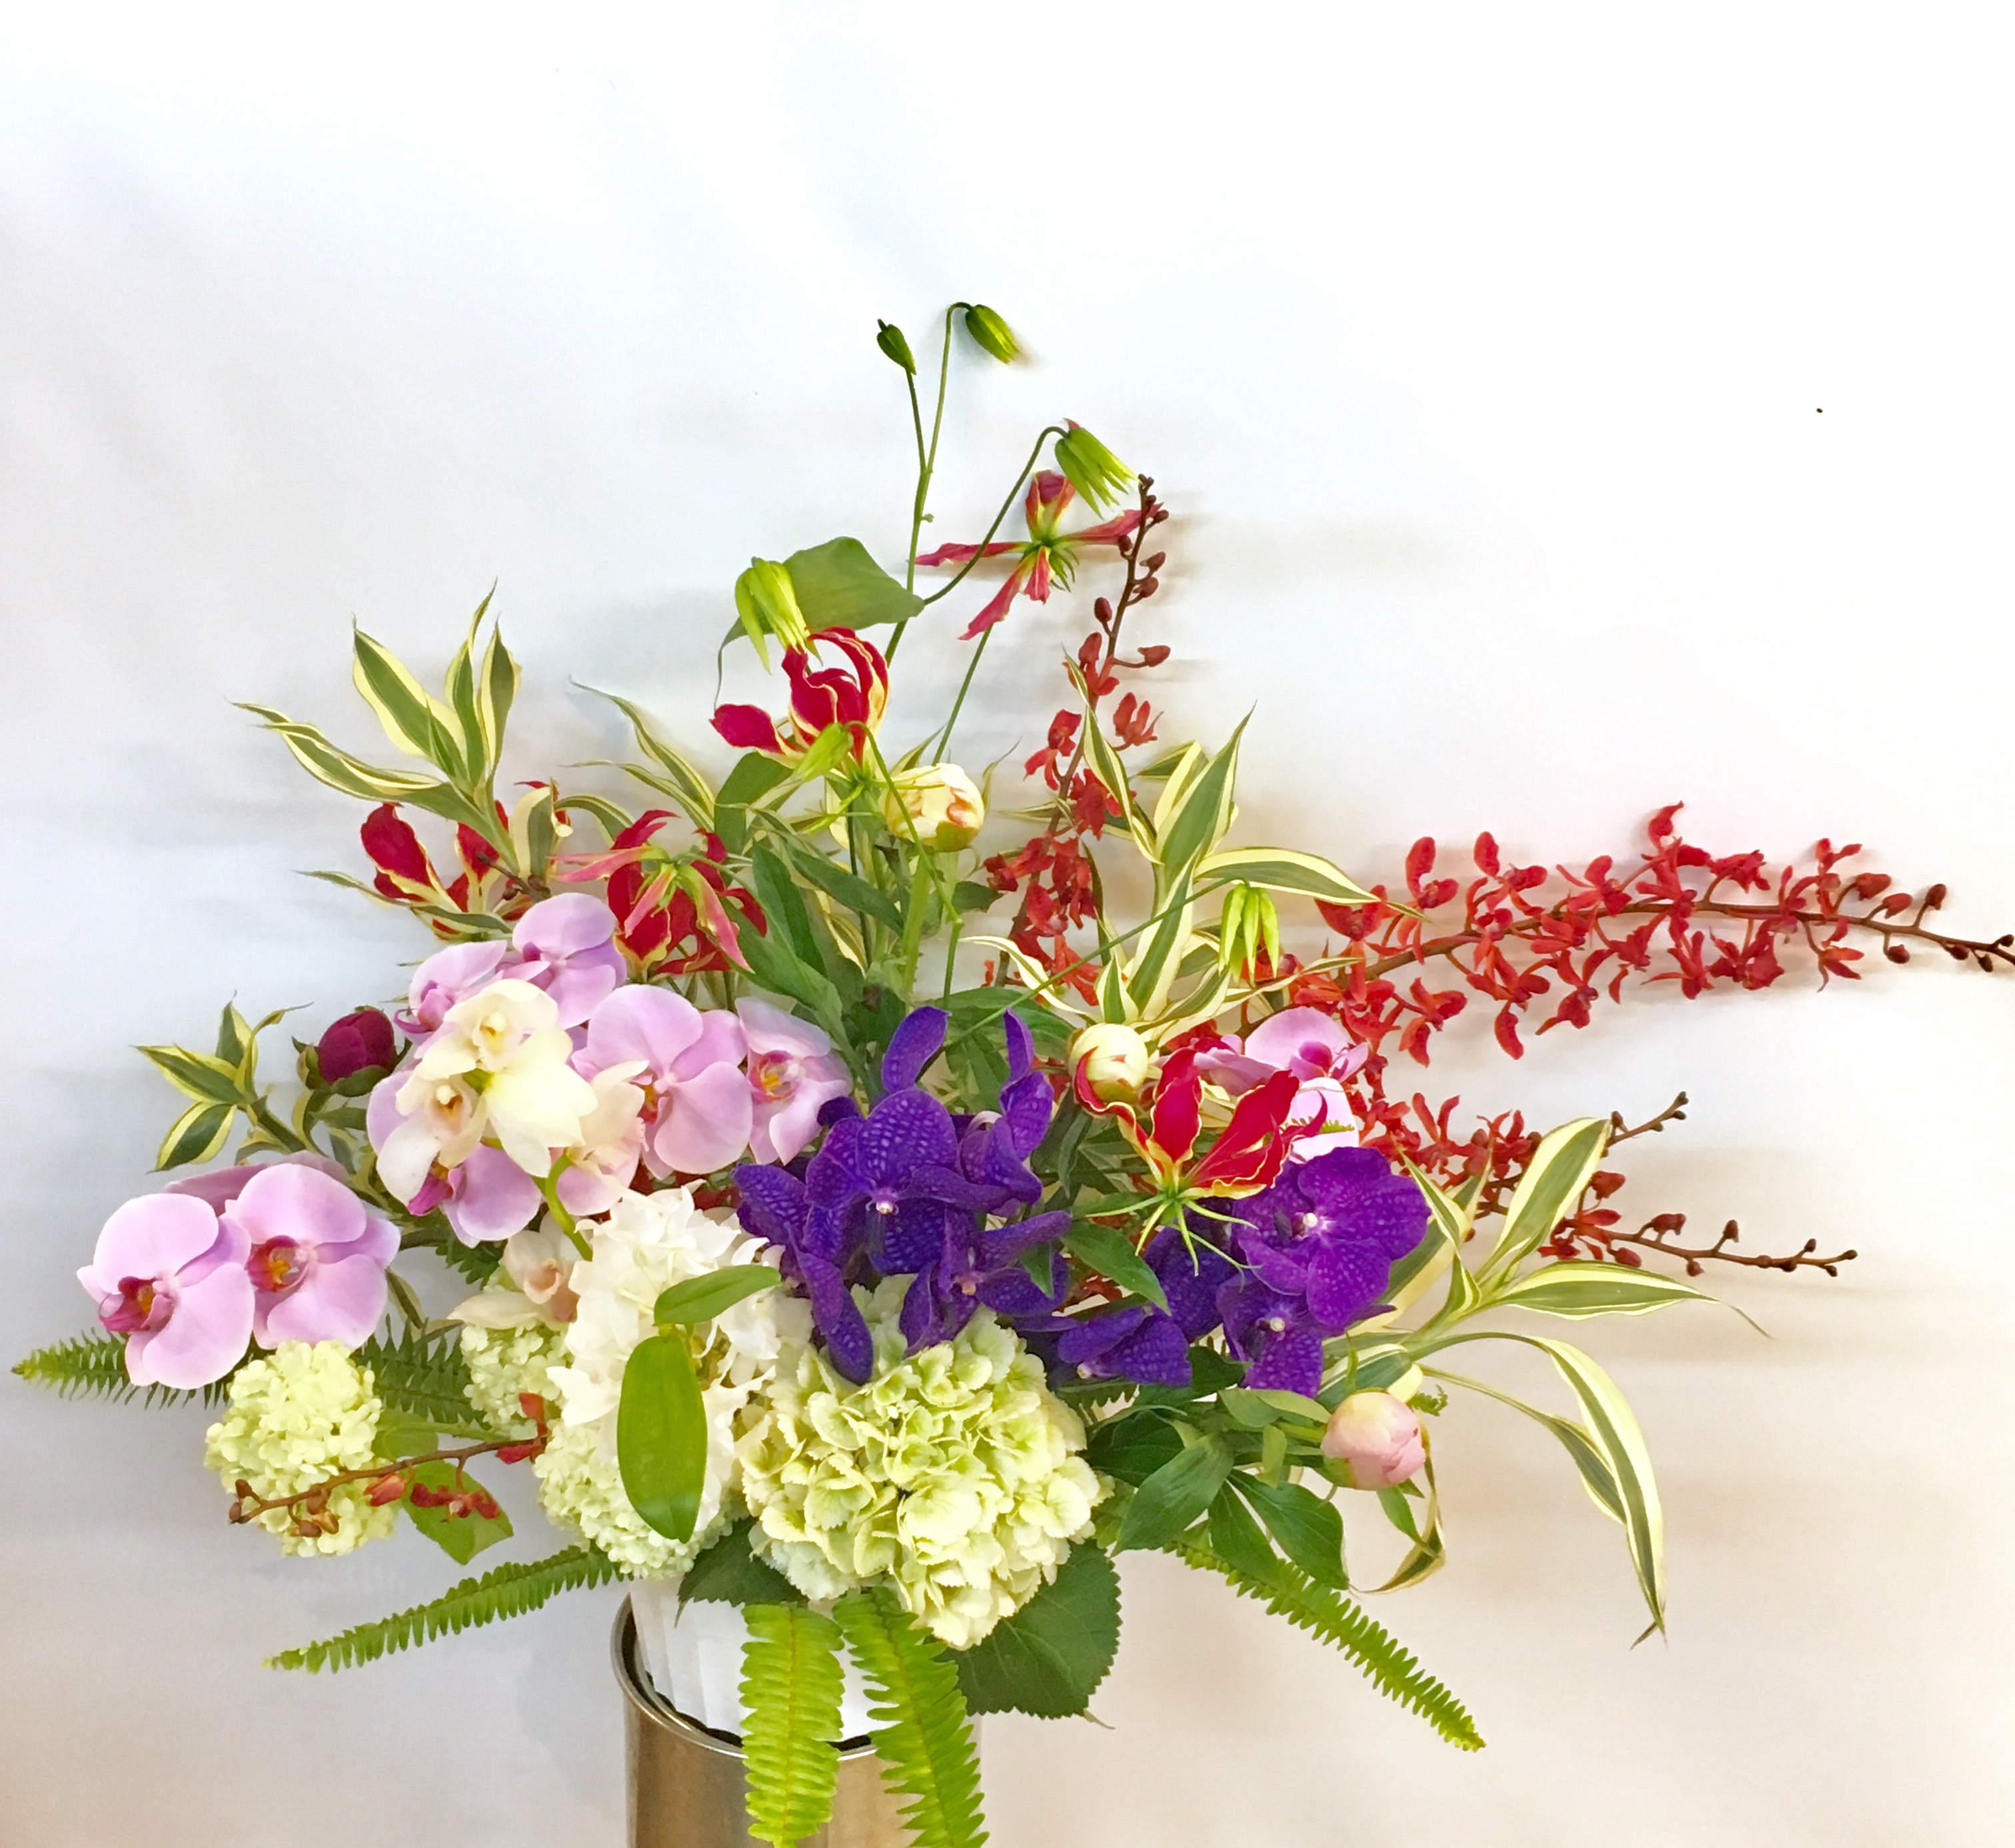 【ナオ花屋の納品事例44】横浜市関内の法人企業様へアレンジメントを配達しました!